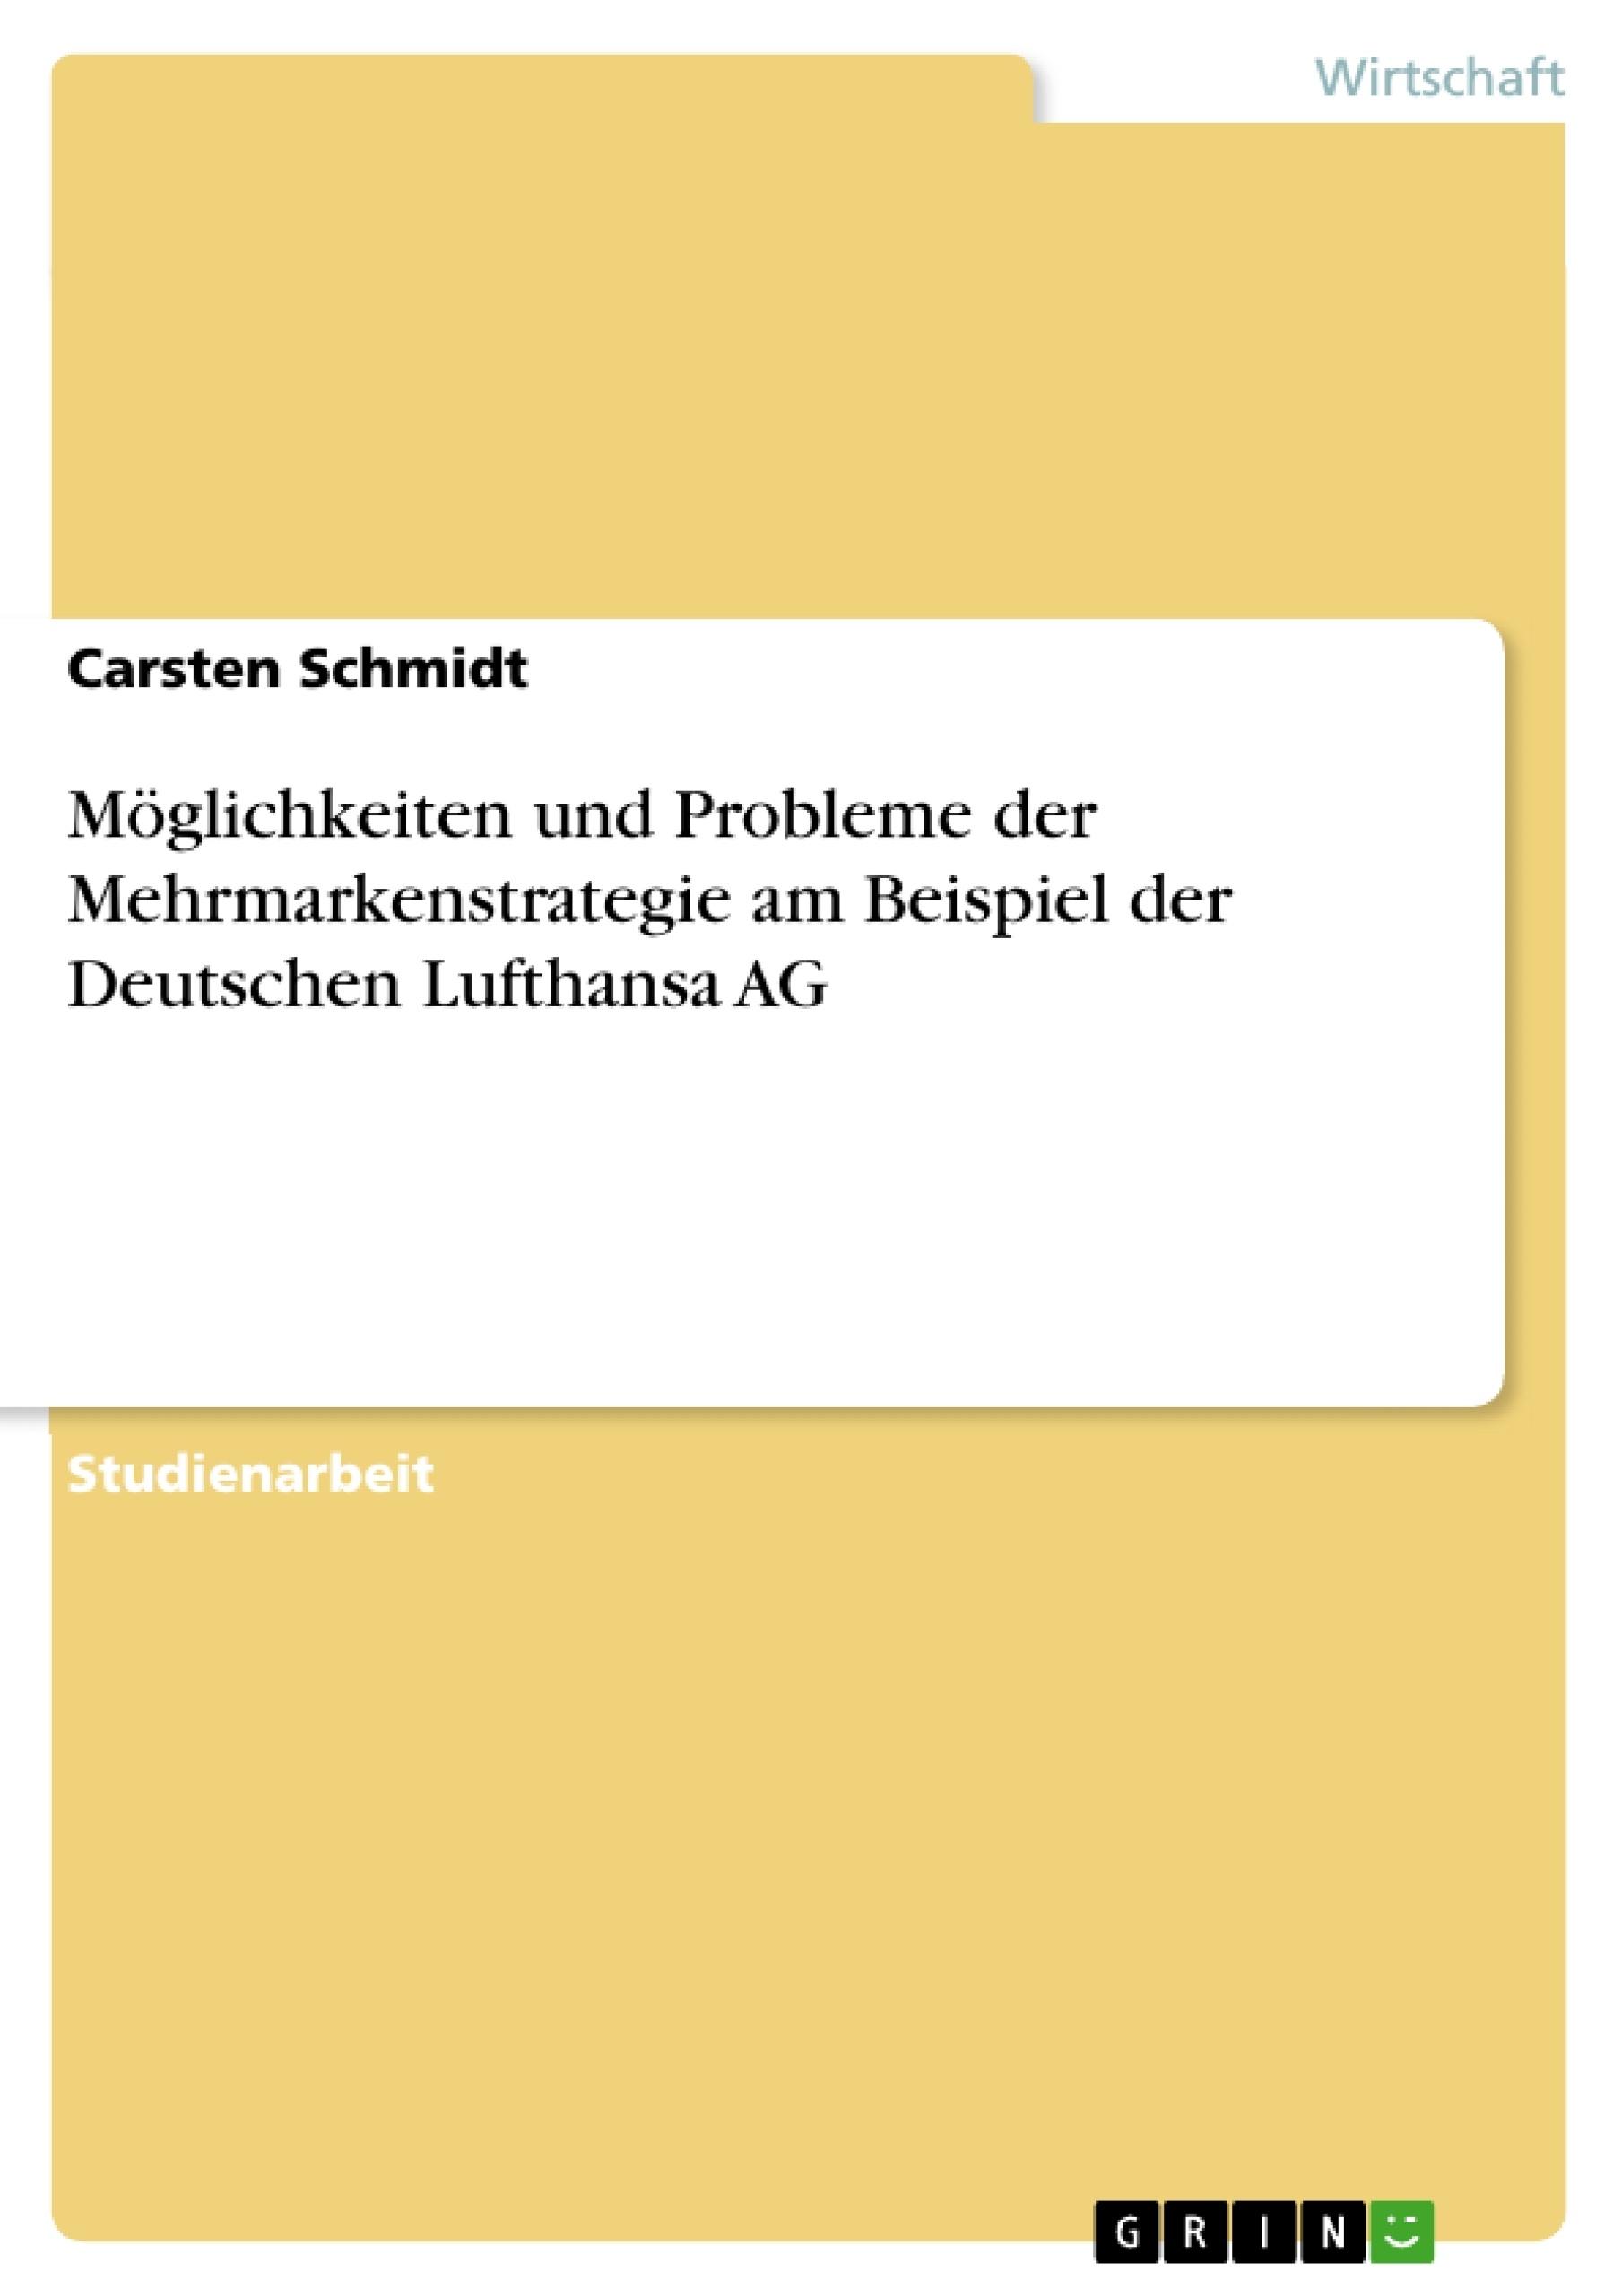 Titel: Möglichkeiten und Probleme der Mehrmarkenstrategie am Beispiel der Deutschen Lufthansa AG